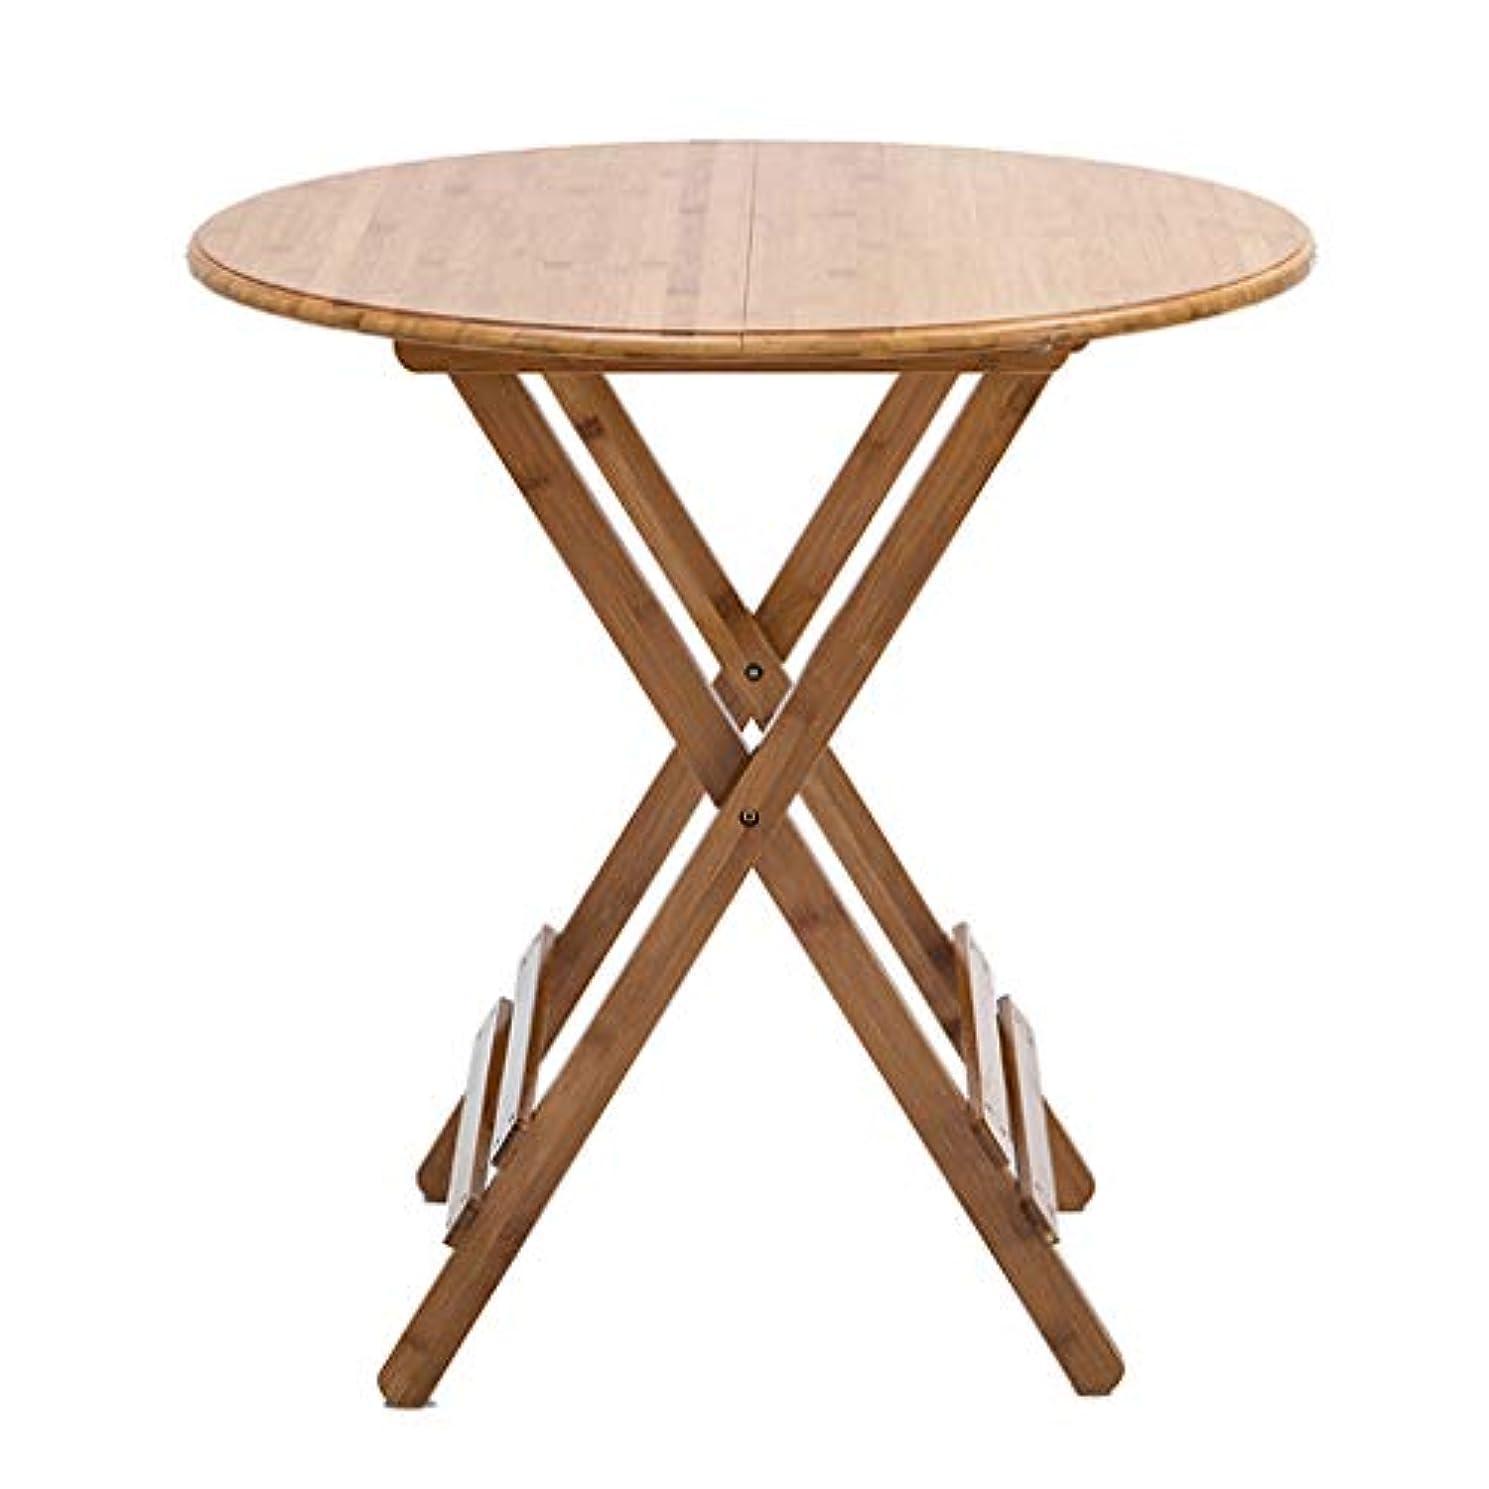 FRF 折りたたみ式テーブル- 家庭用木製折りたたみ丸テーブル、ダイニングルーム小さなアパートポータブルダイニングテーブル (色 : Original bamboo, サイズ さいず : 60x50cm)